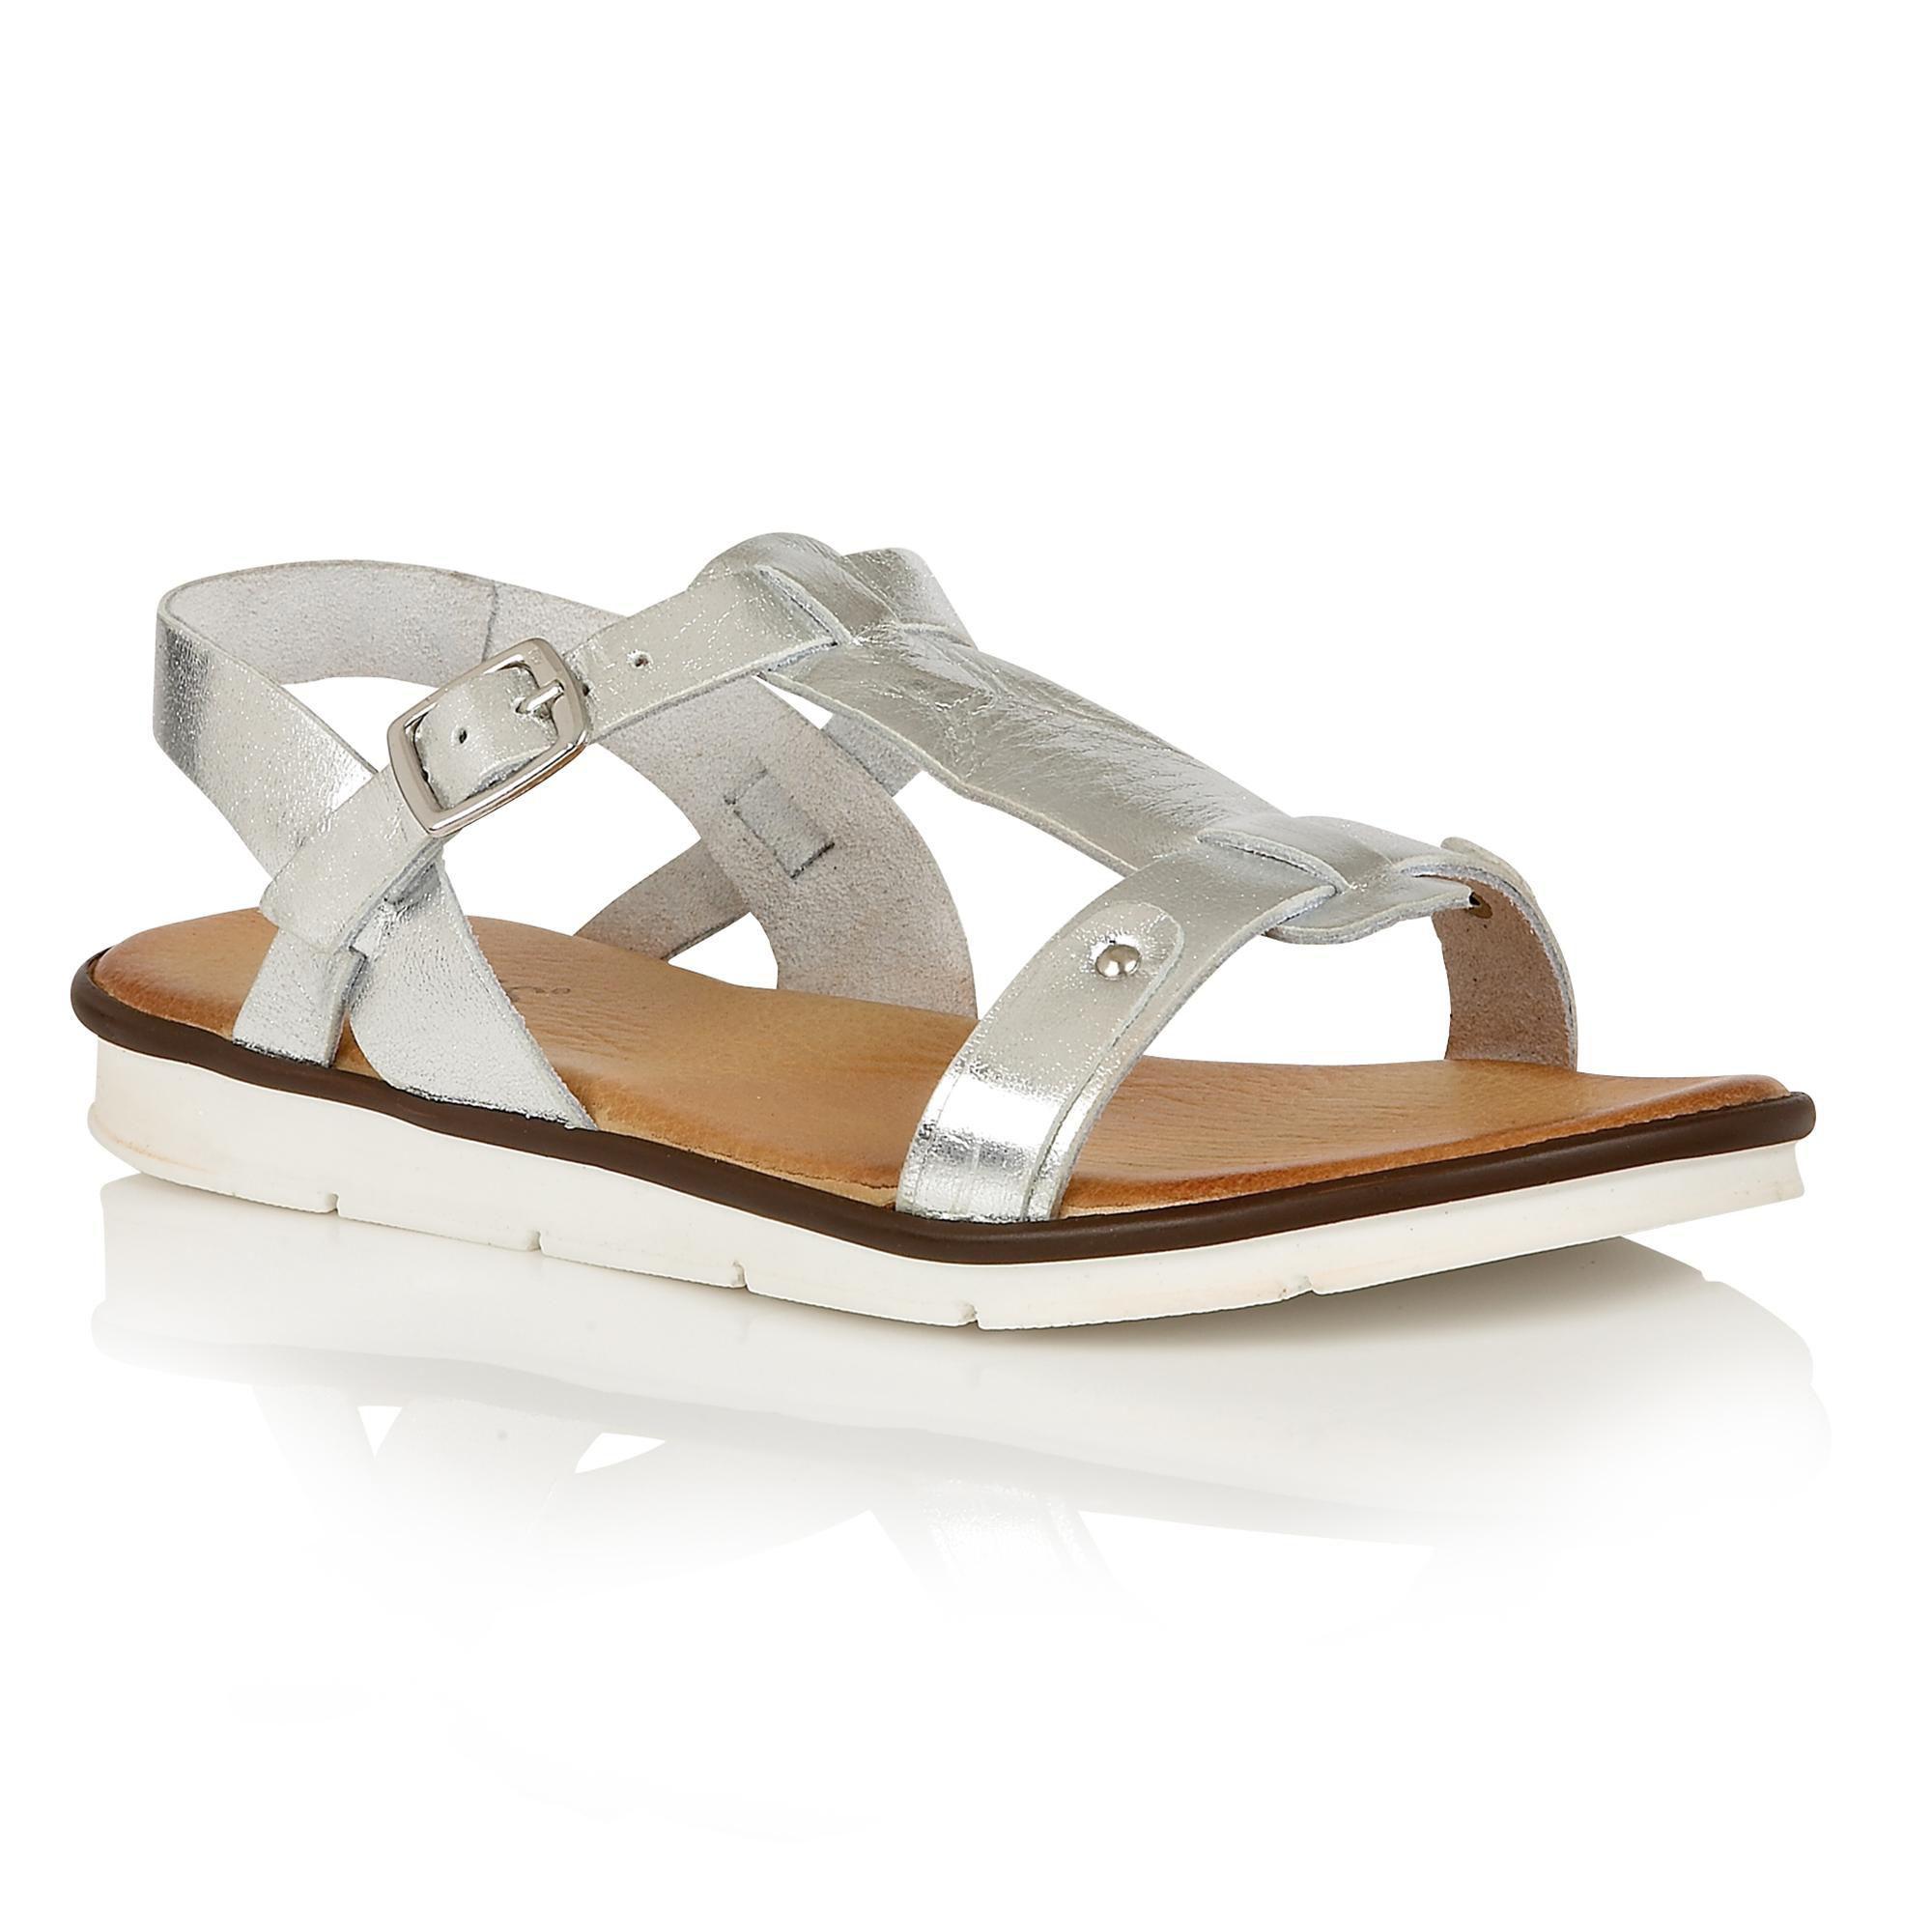 FOOTWEAR - Toe post sandals Aerin jw9us